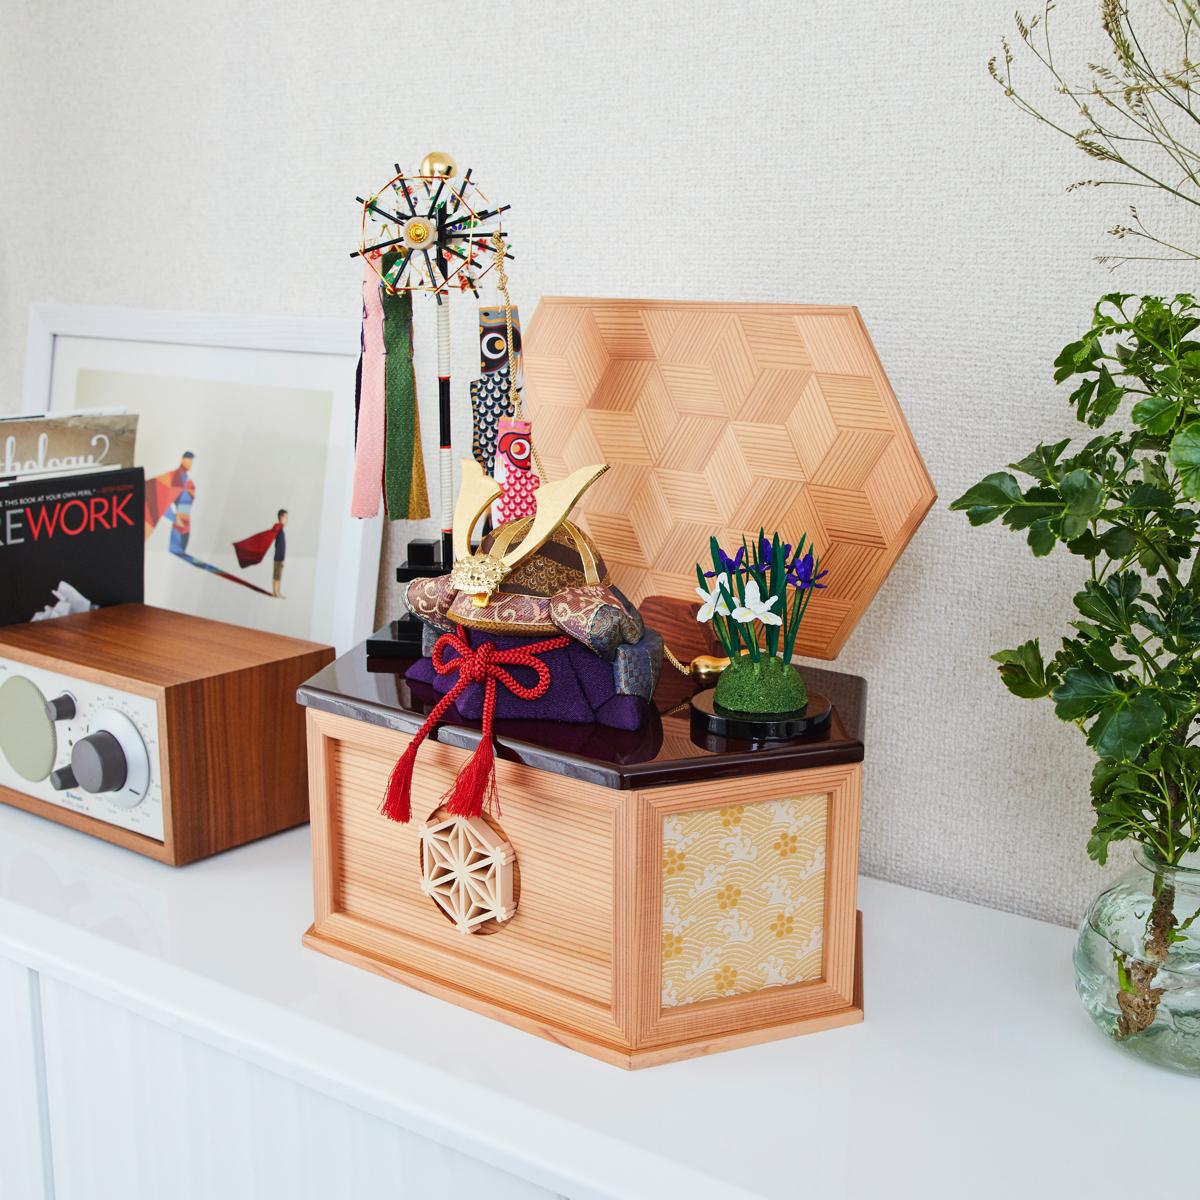 毎年の幸せを願う「五月人形」|リビングに飾れる「プレミアムコンパクト五月人形」